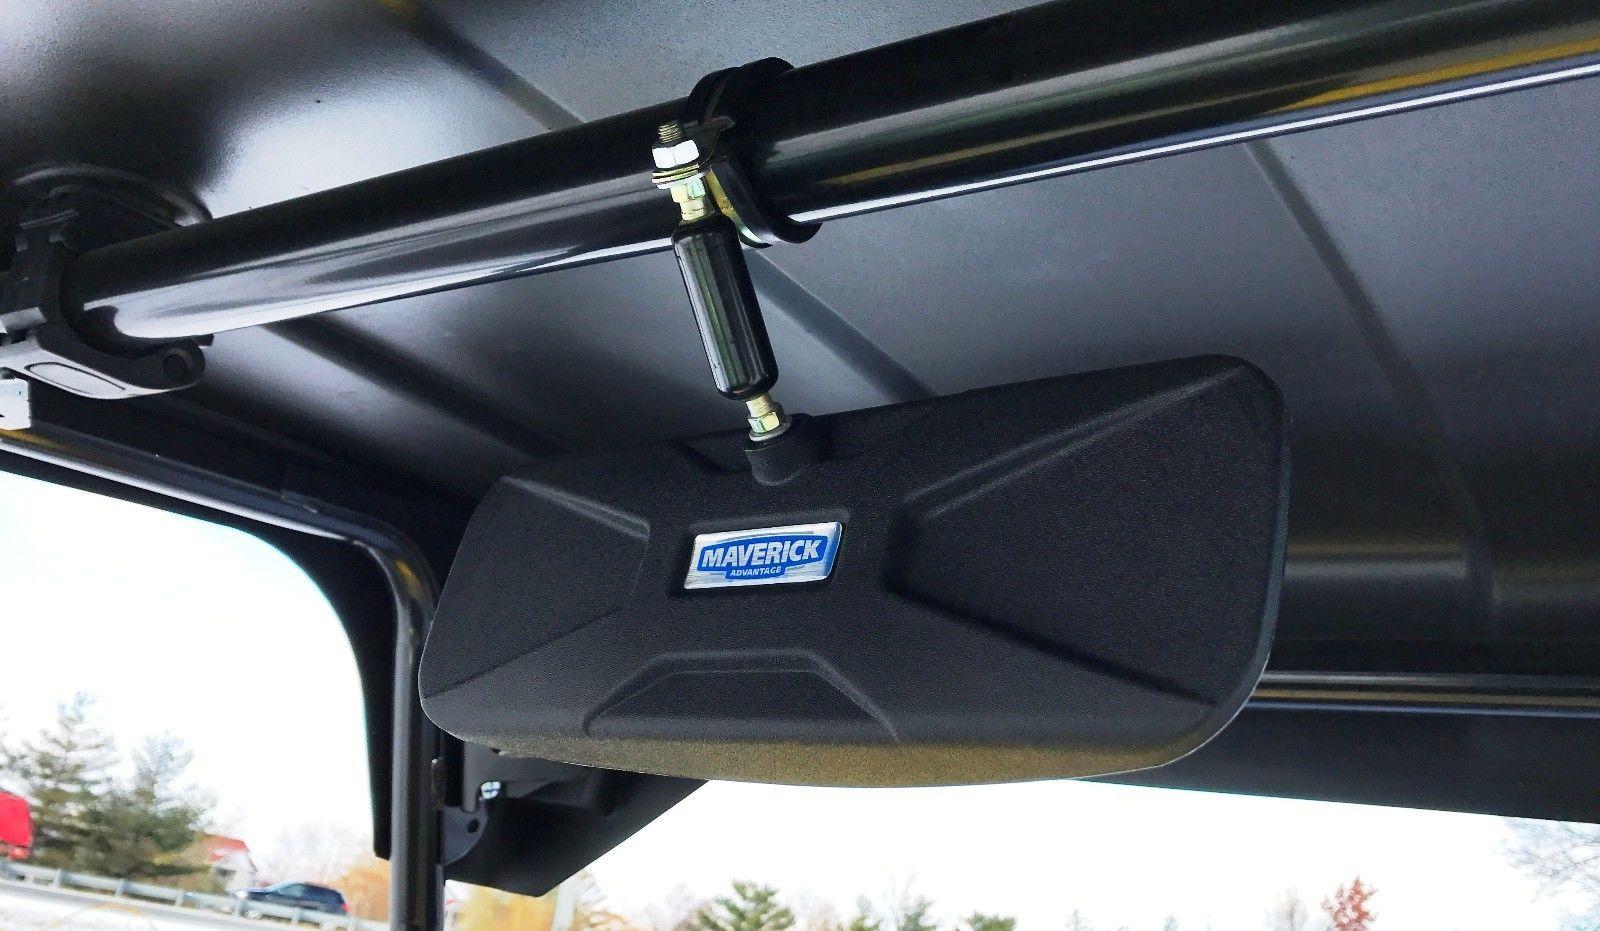 John Deere Gator >> Deluxe Rear View Mirror for John Deere Gator UTV ...